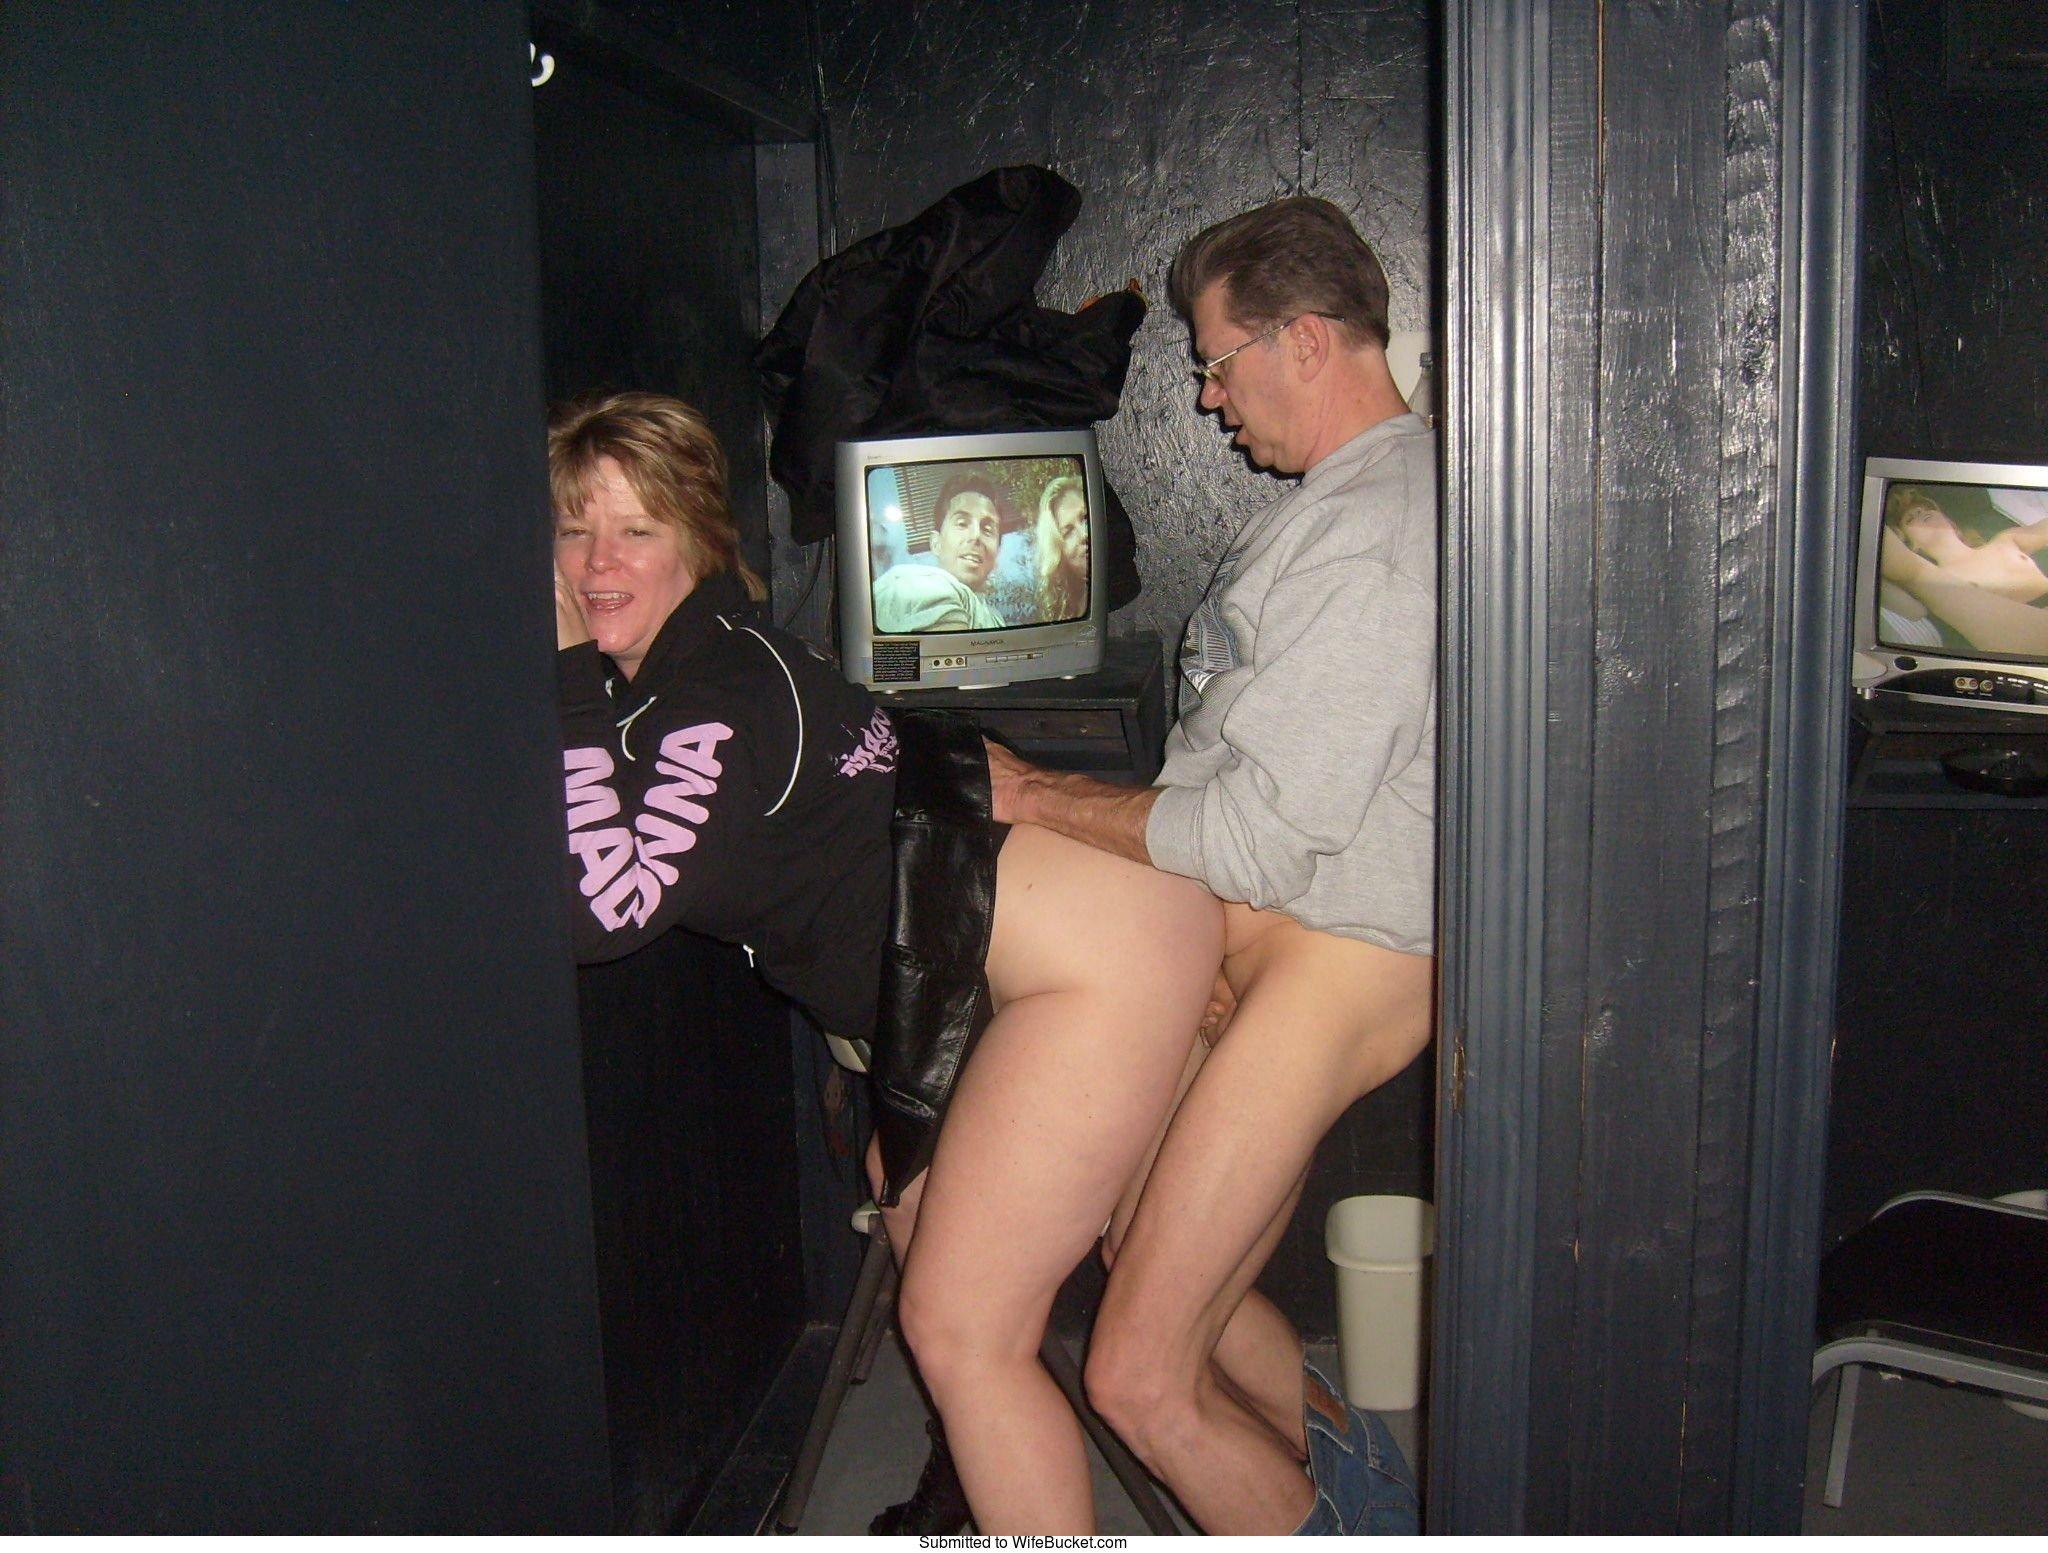 Pornpics. com theater gangbang